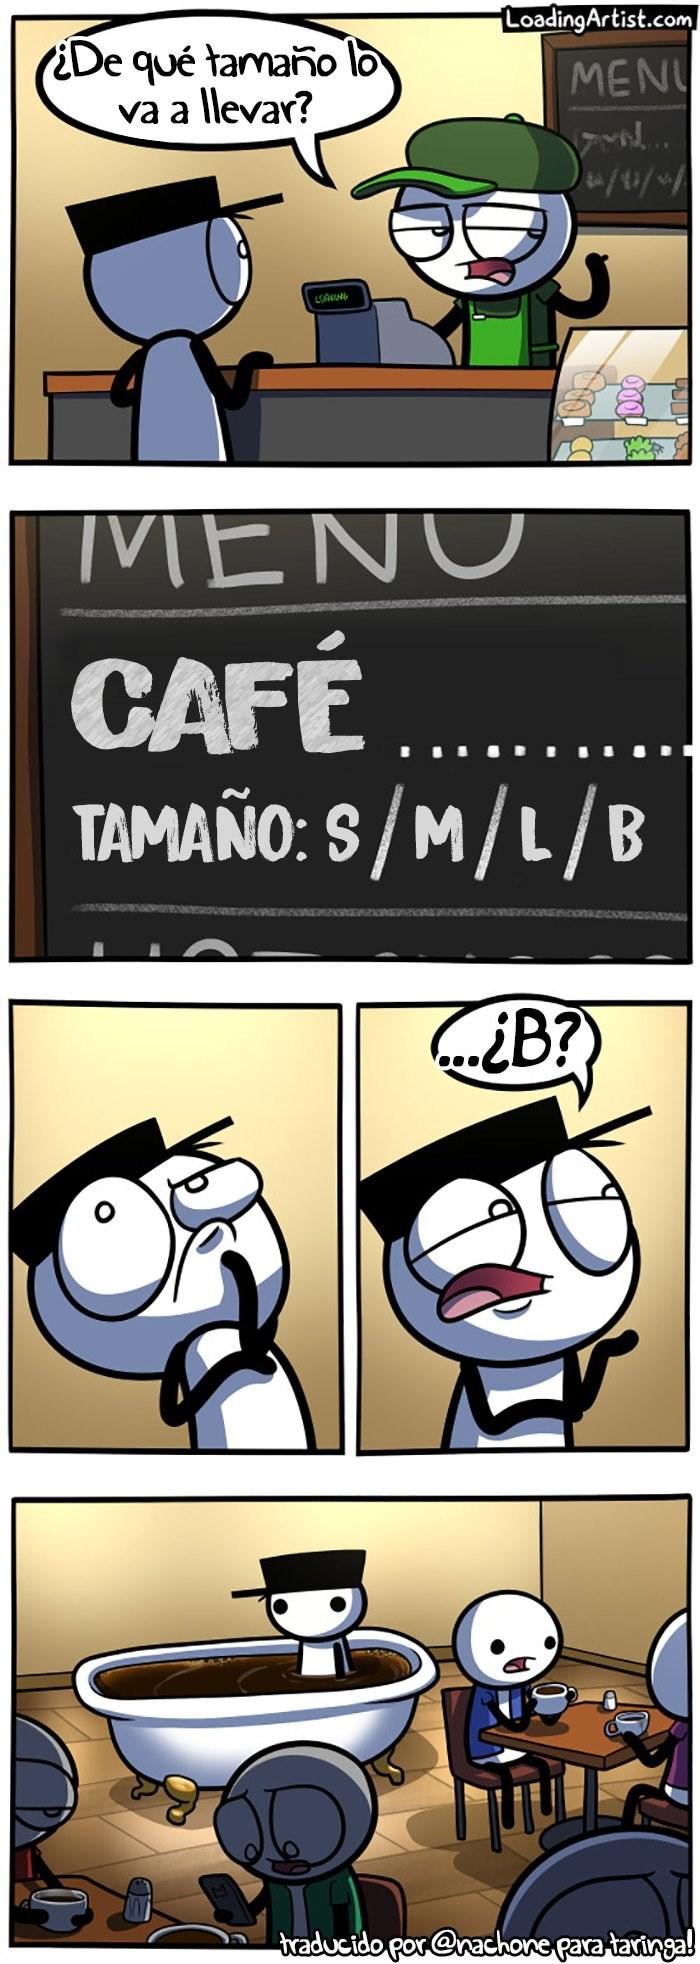 cuando quieres iniciar la manana con cafe